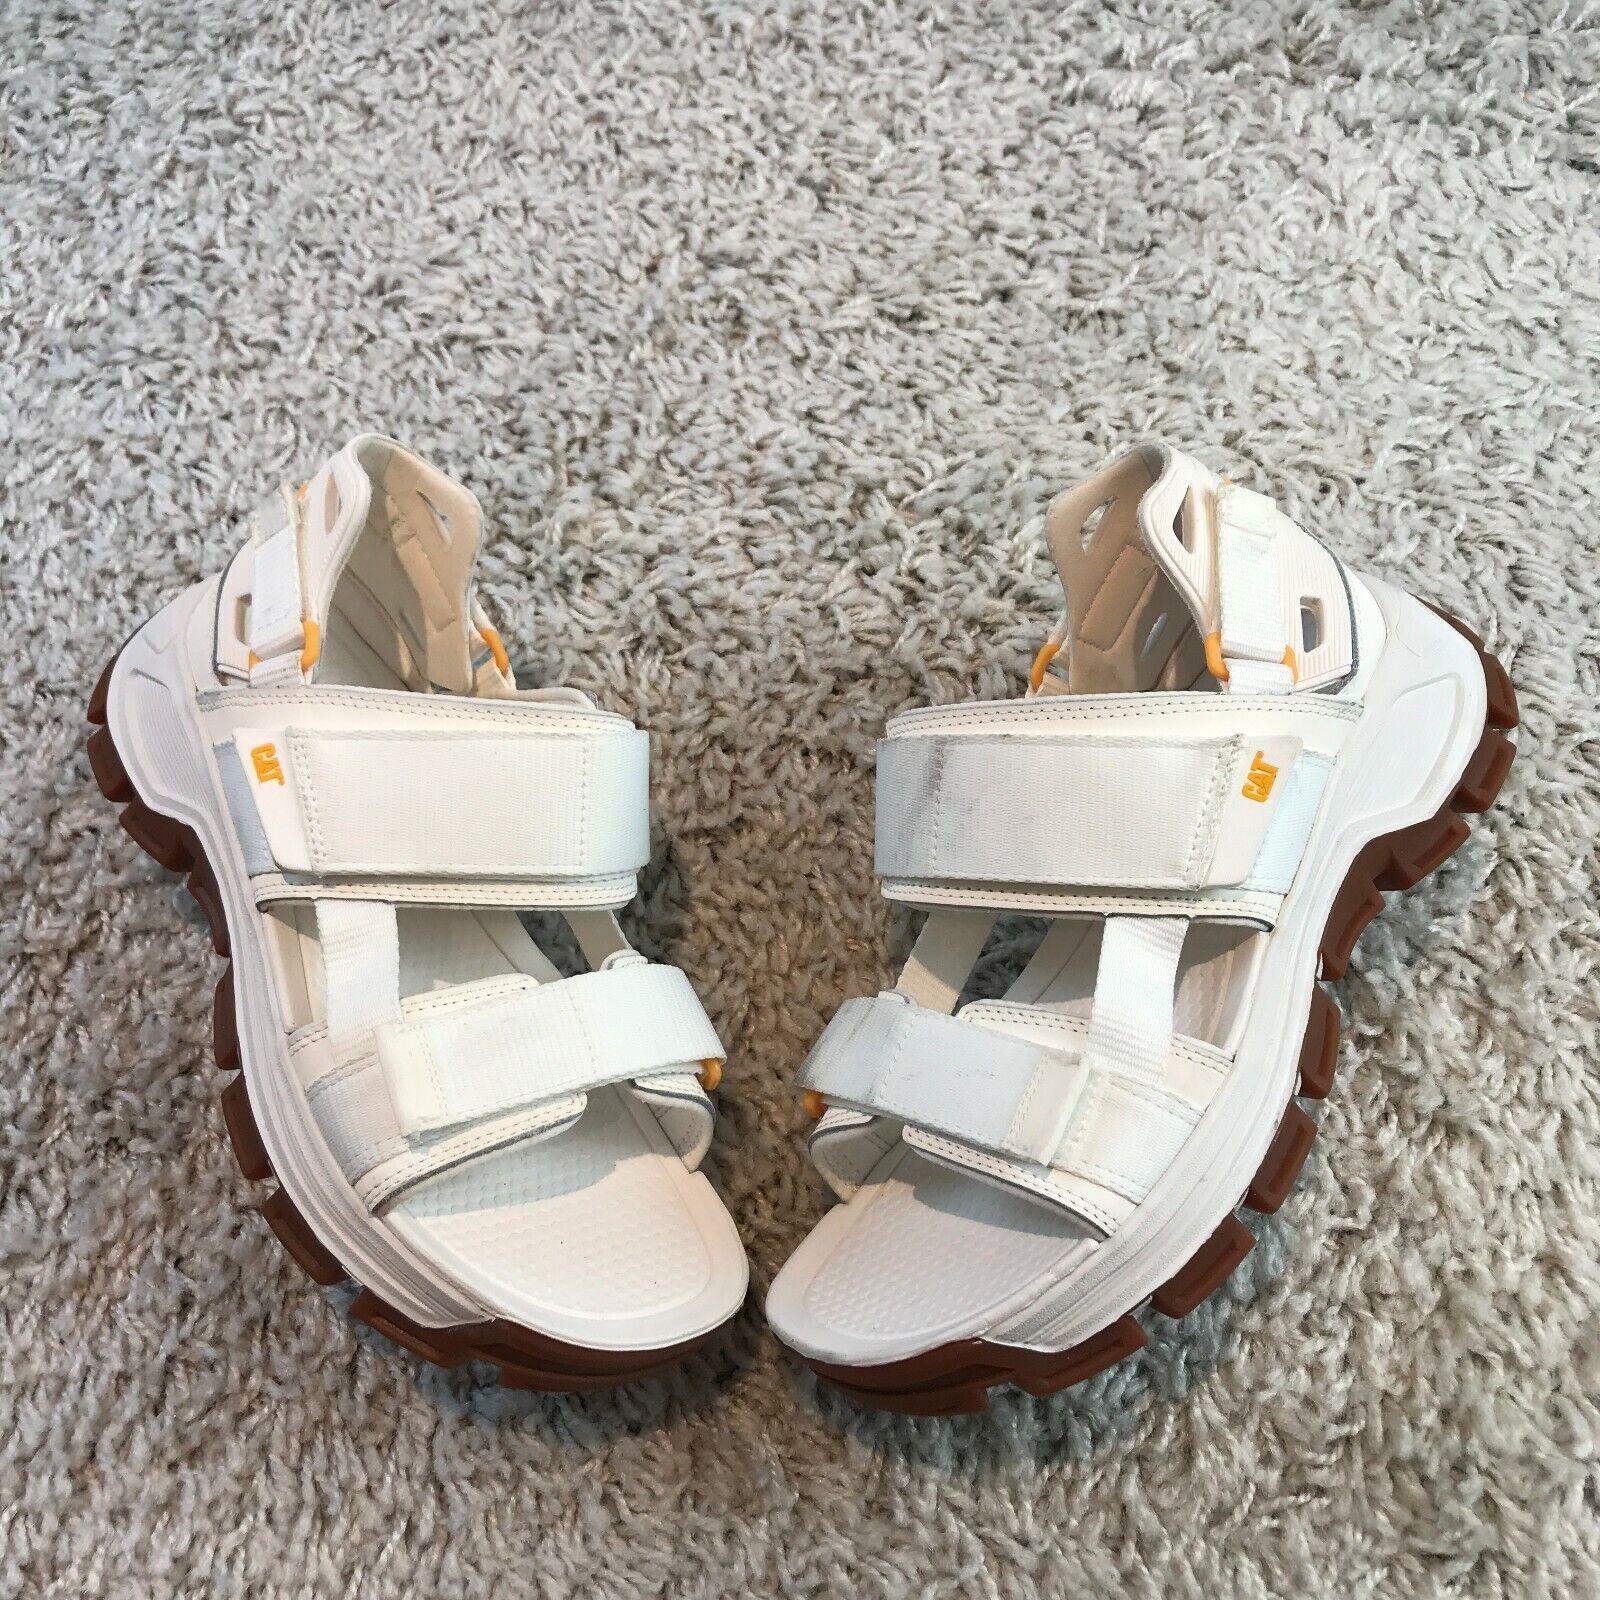 NEW Caterpillar Progressor Mens Shoes UK 7 Eur 41 White Leather Gladiator Sandal